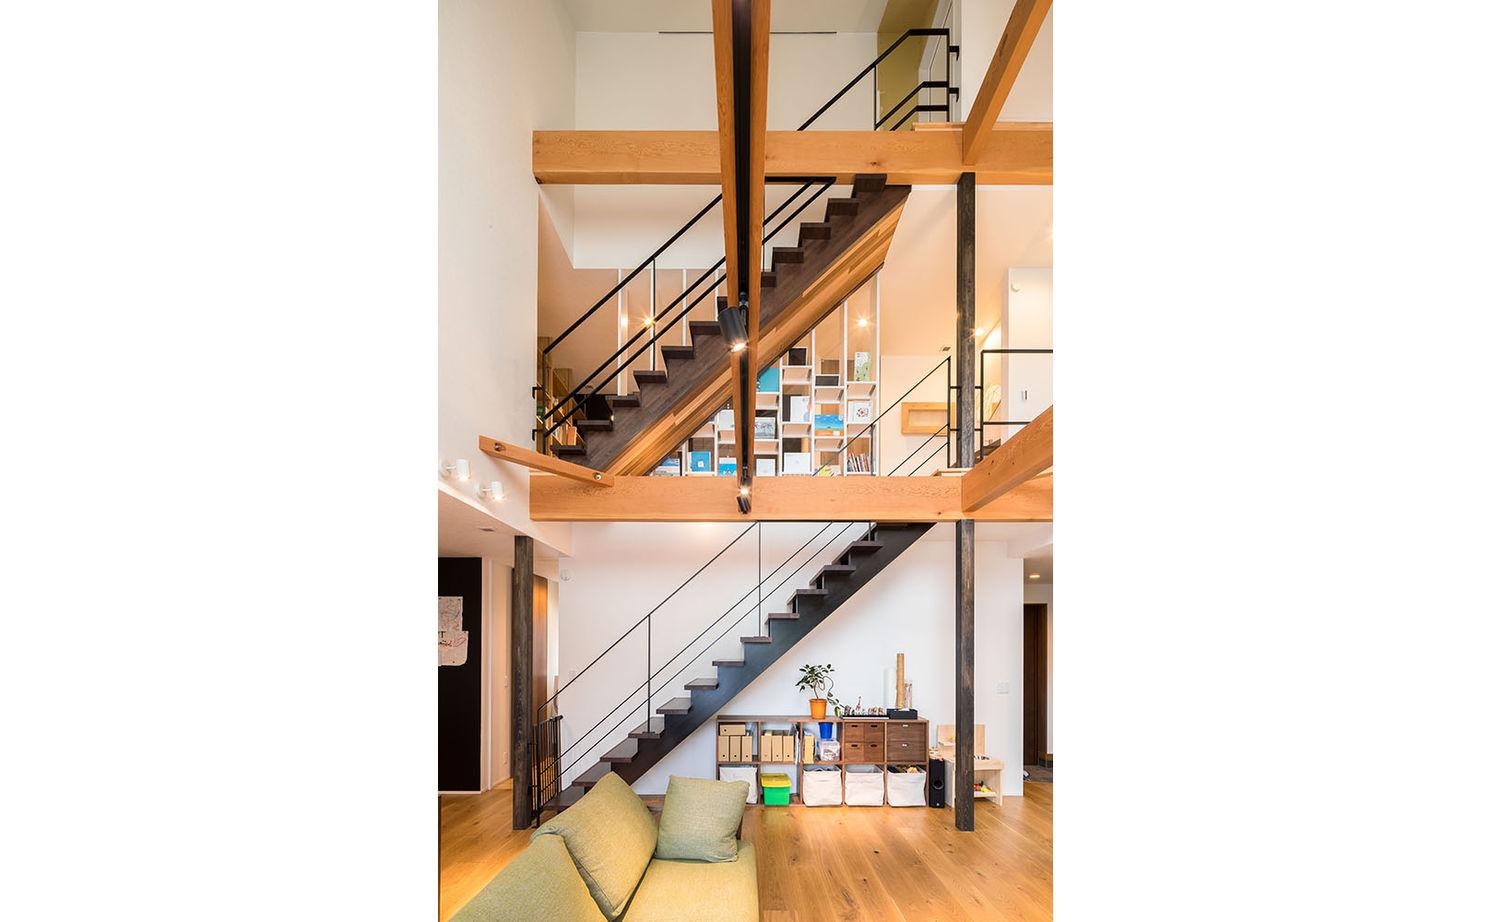 驚くほど開放的なのに「ソーラーサーキット工法」で家の中の隅々まで快適!暮らしを楽しむ遊び心も満載画像3